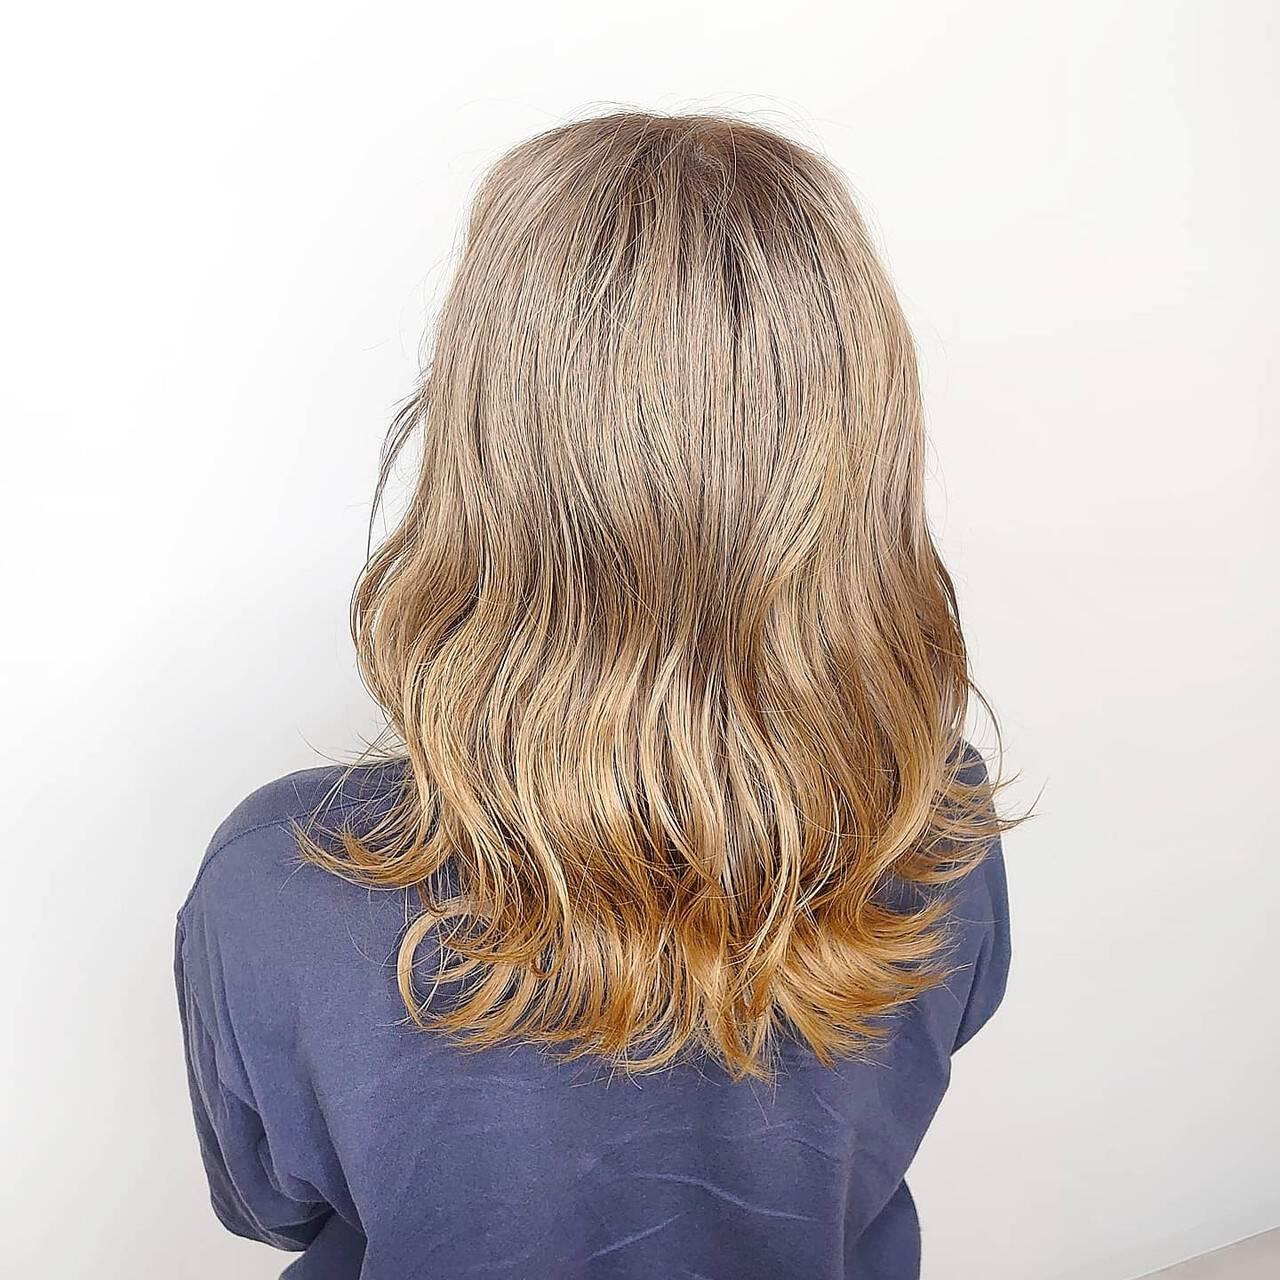 ミルクティーベージュ 透明感カラー ブリーチカラー グレージュヘアスタイルや髪型の写真・画像